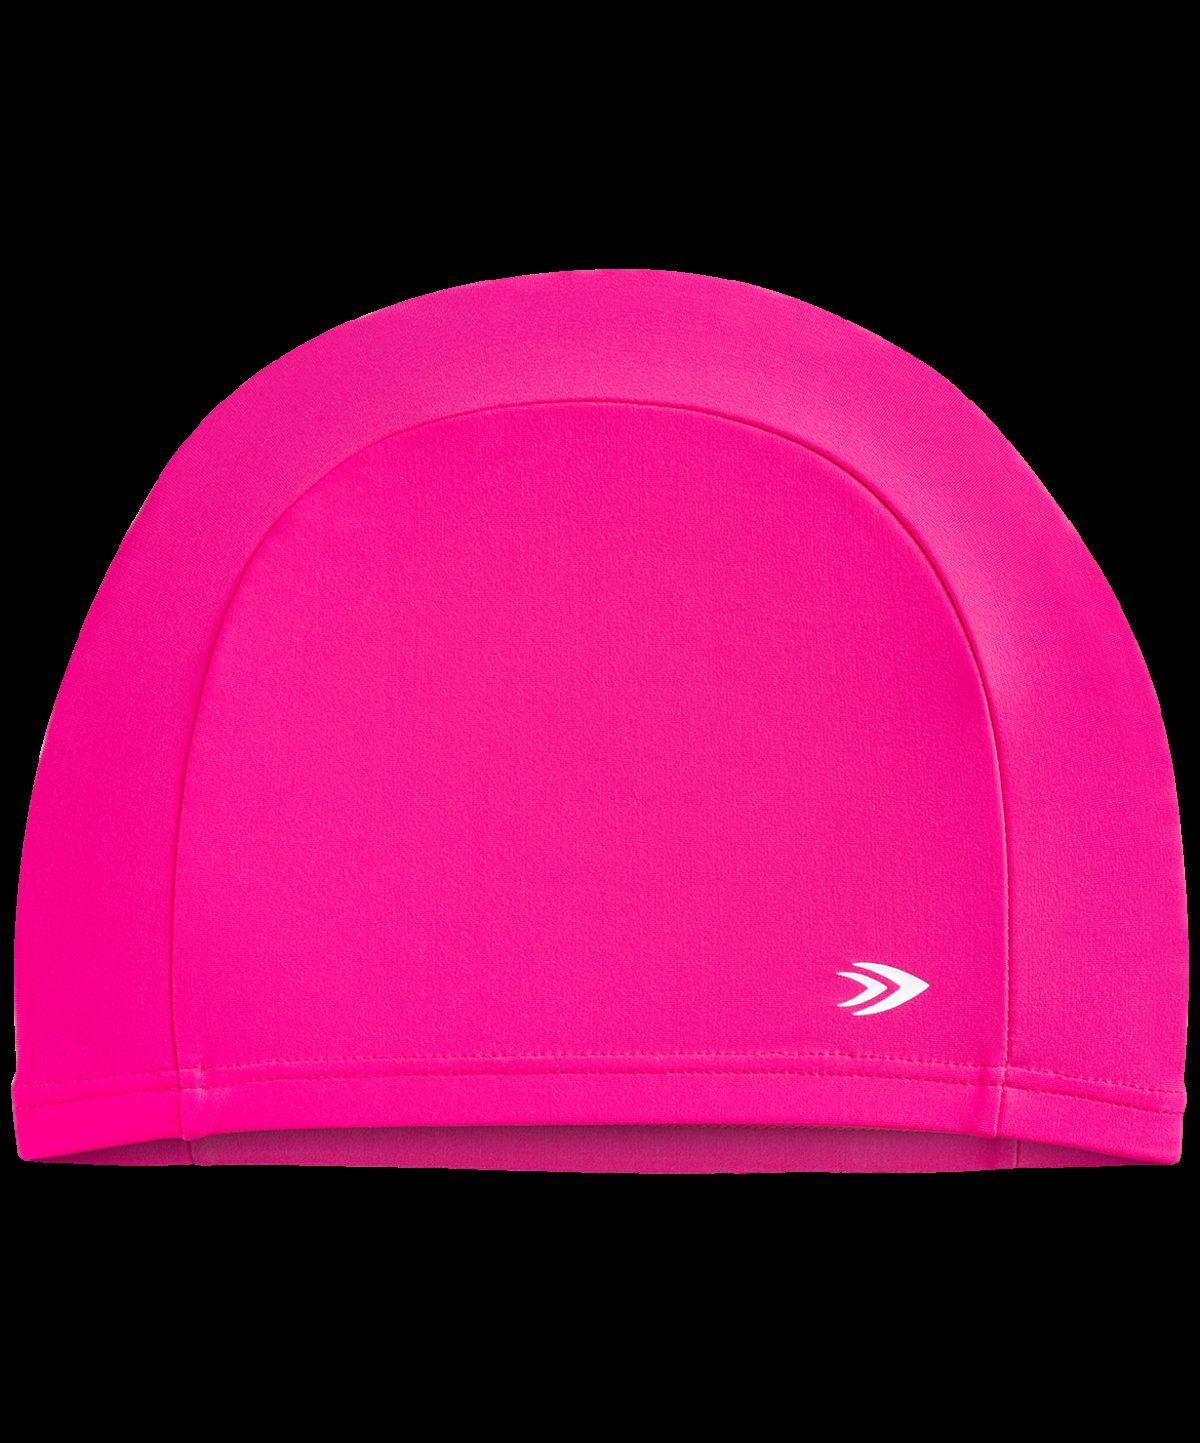 LONGSAIL Шапочка для плавания полиамид: розовый - 2